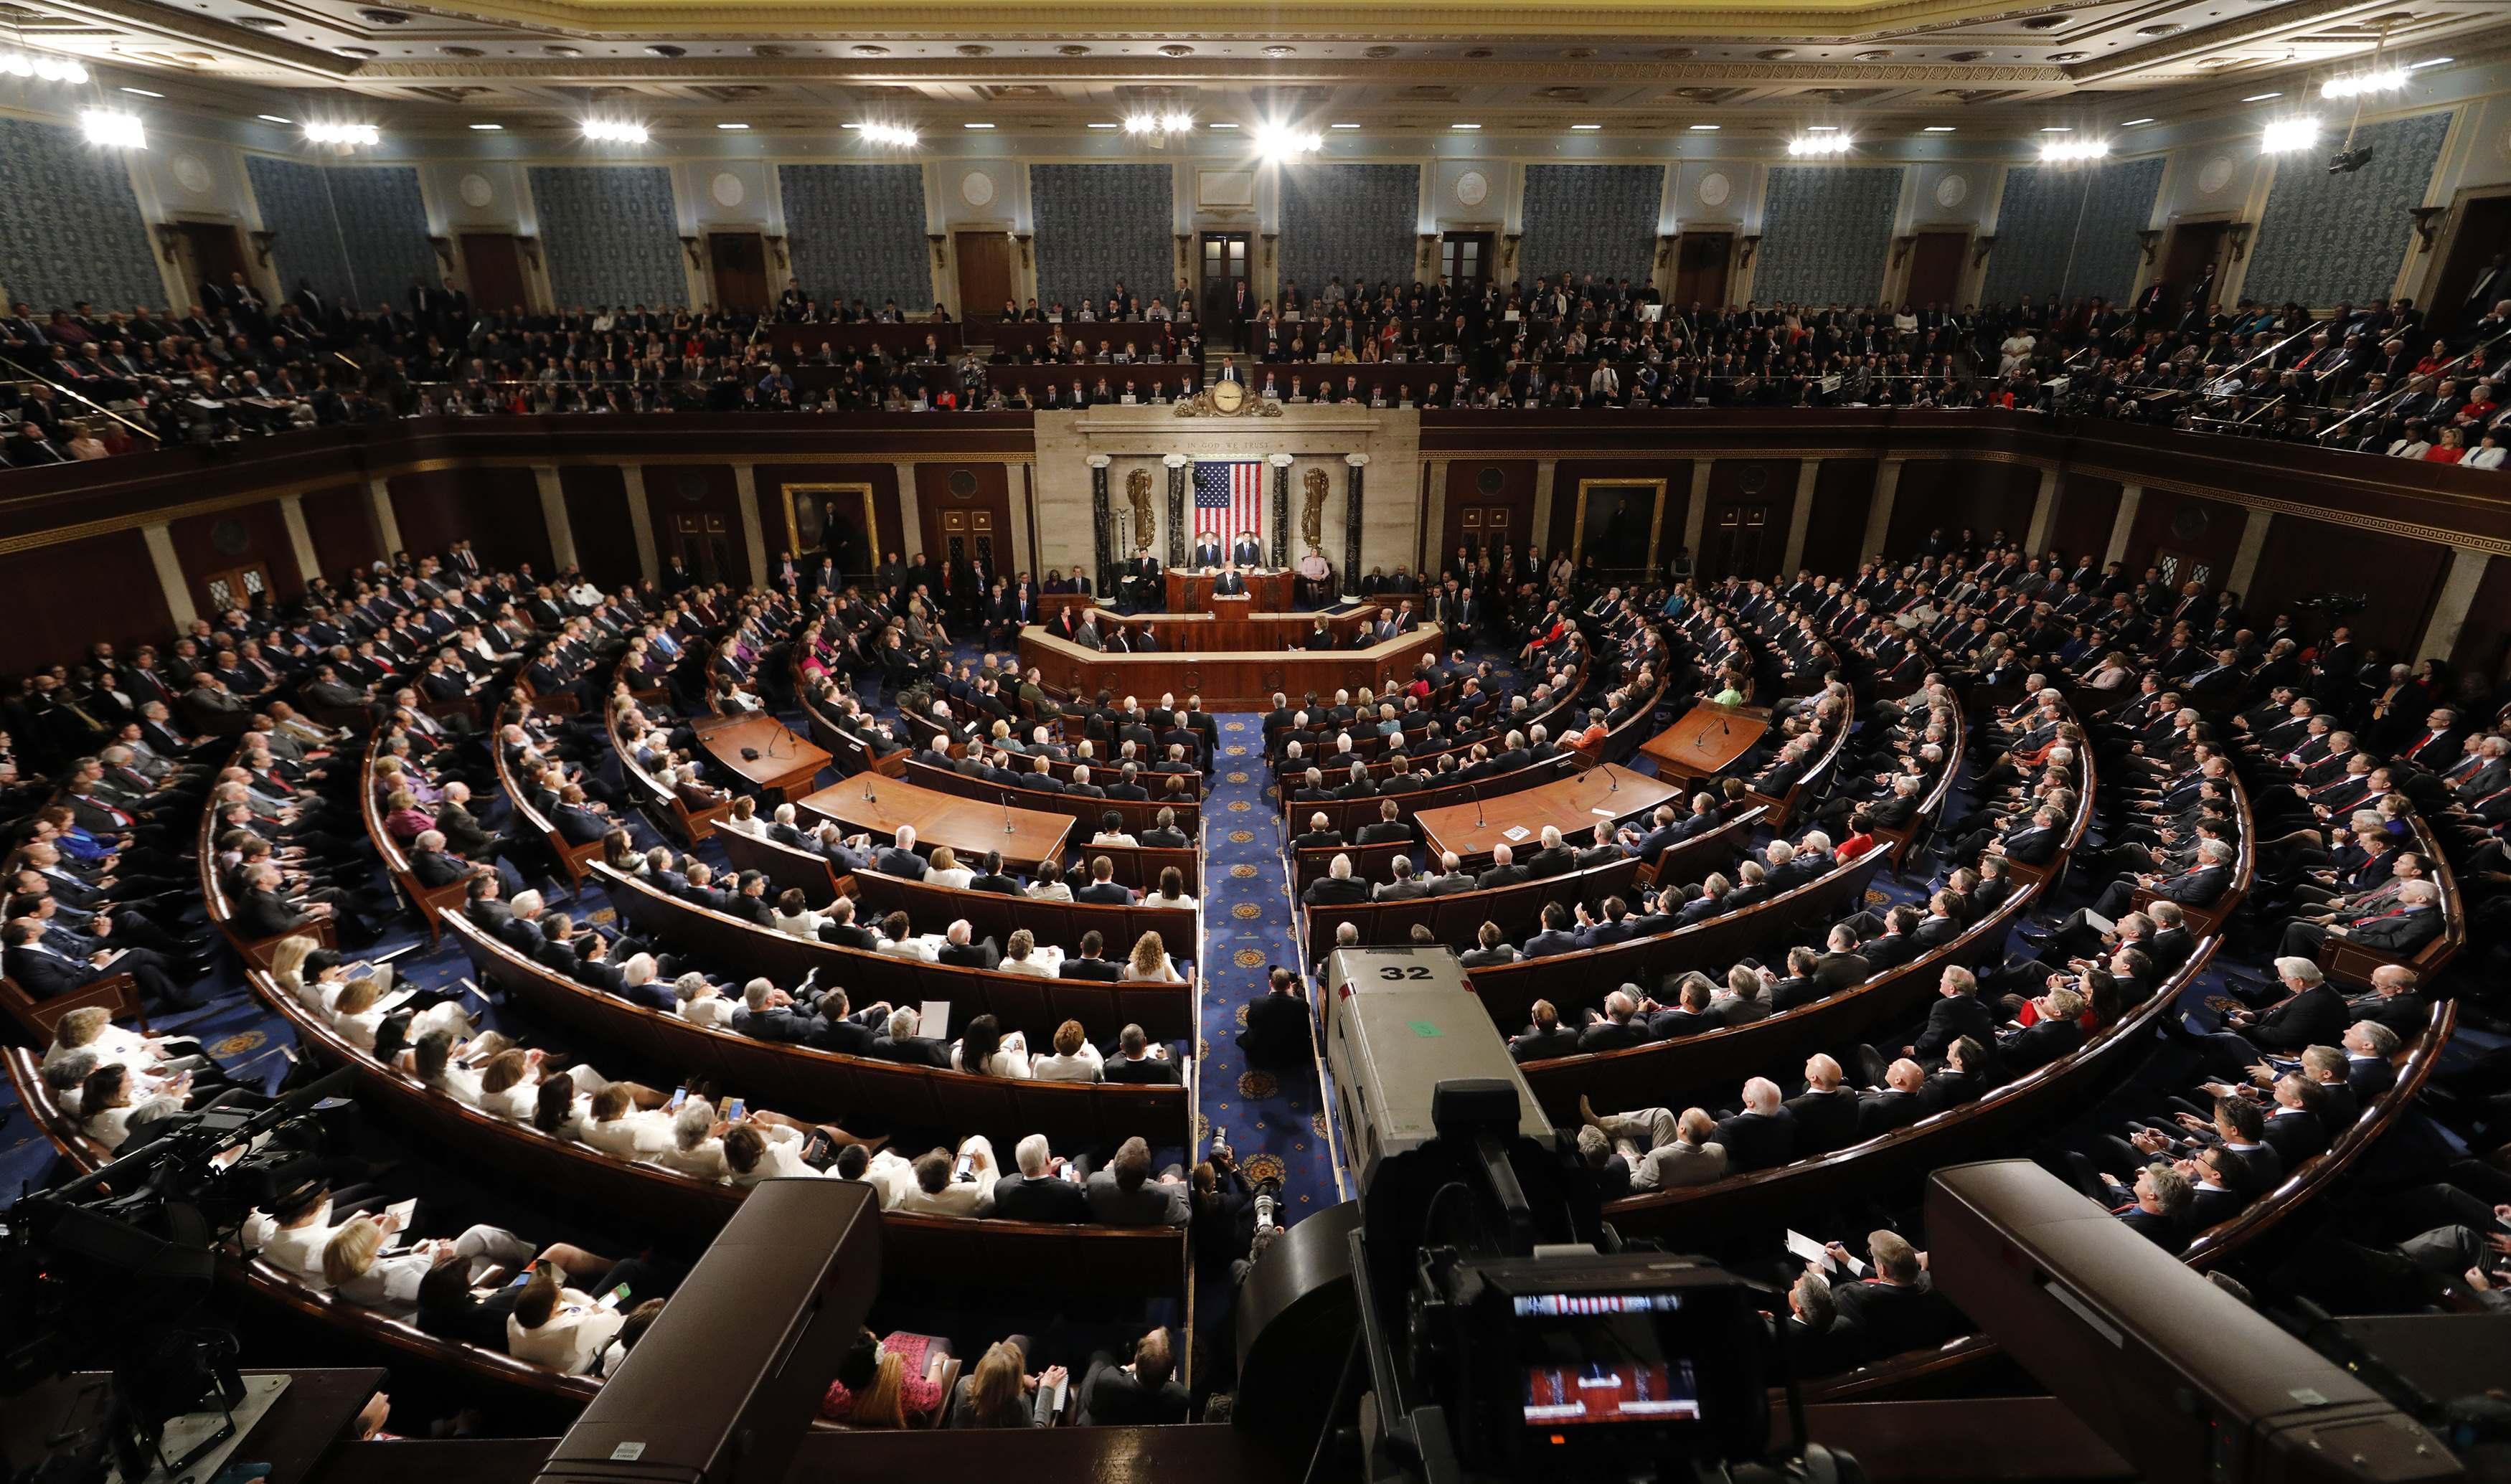 Съезд США хочет разрешить реализацию данных интернет-пользователей